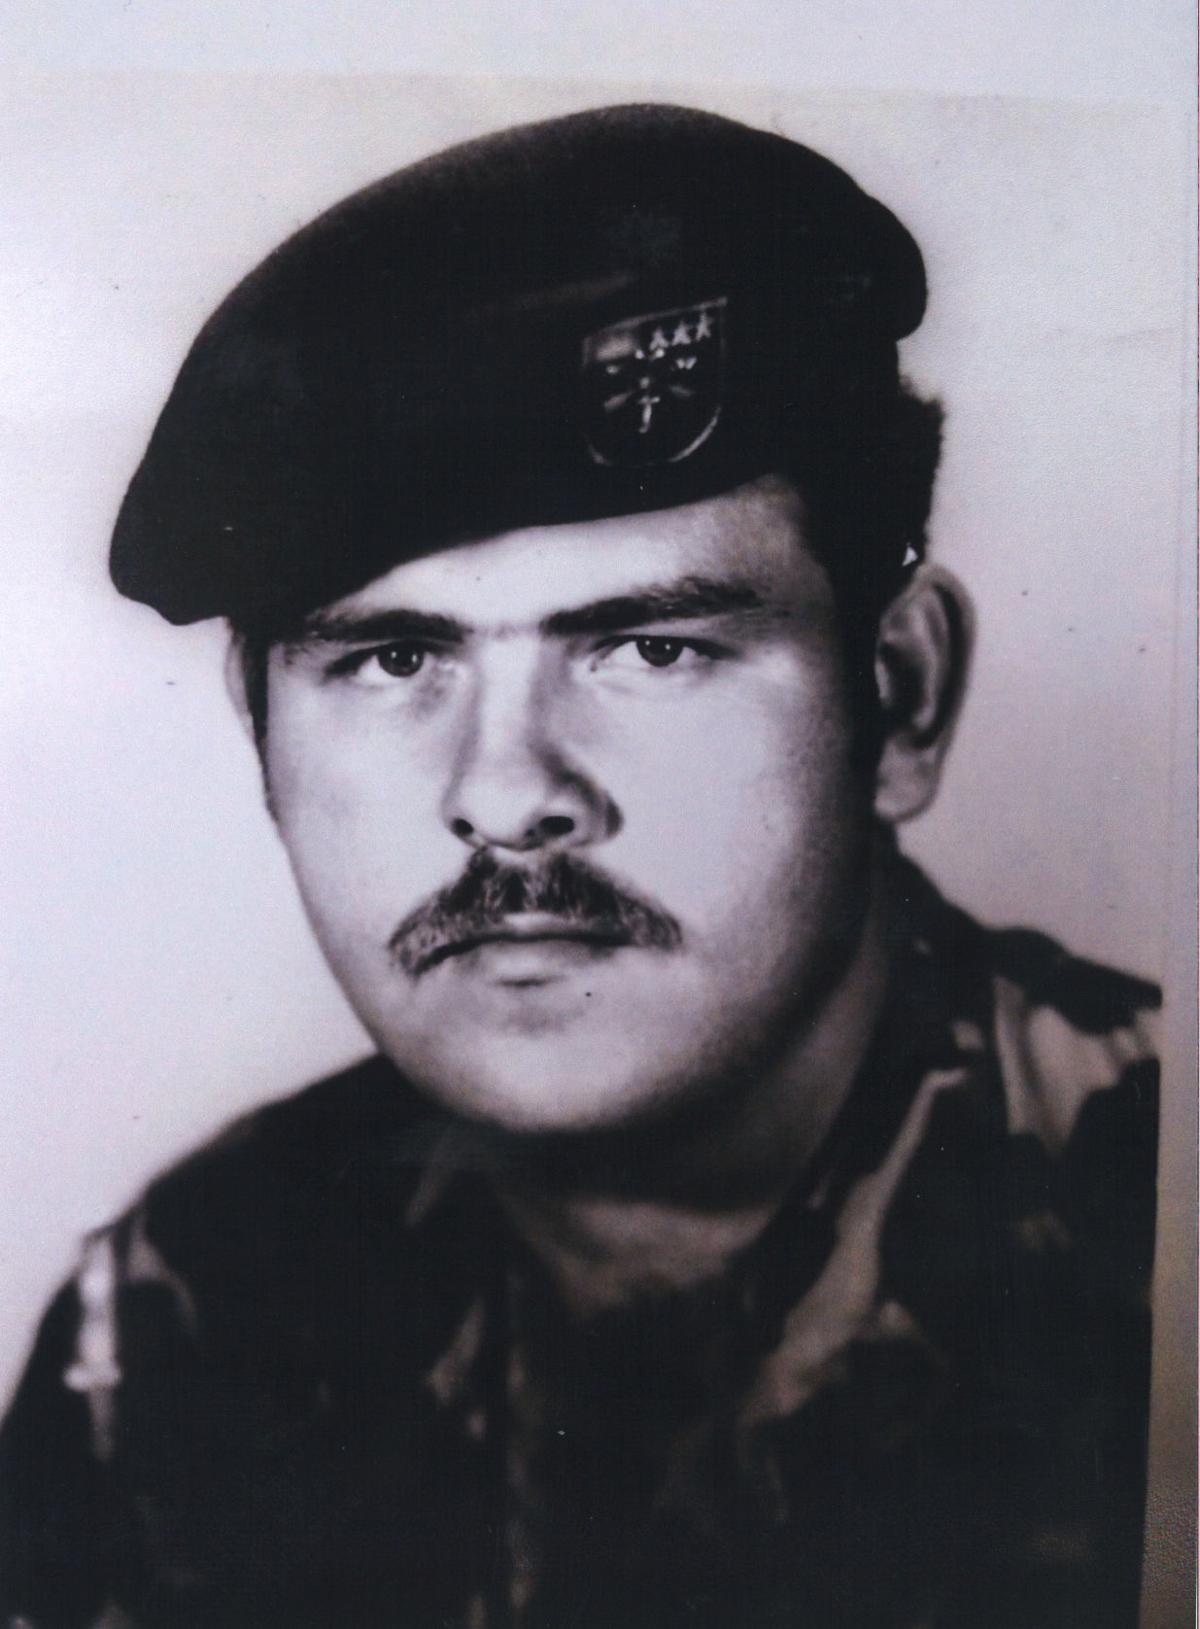 Ronnie Veral Nash